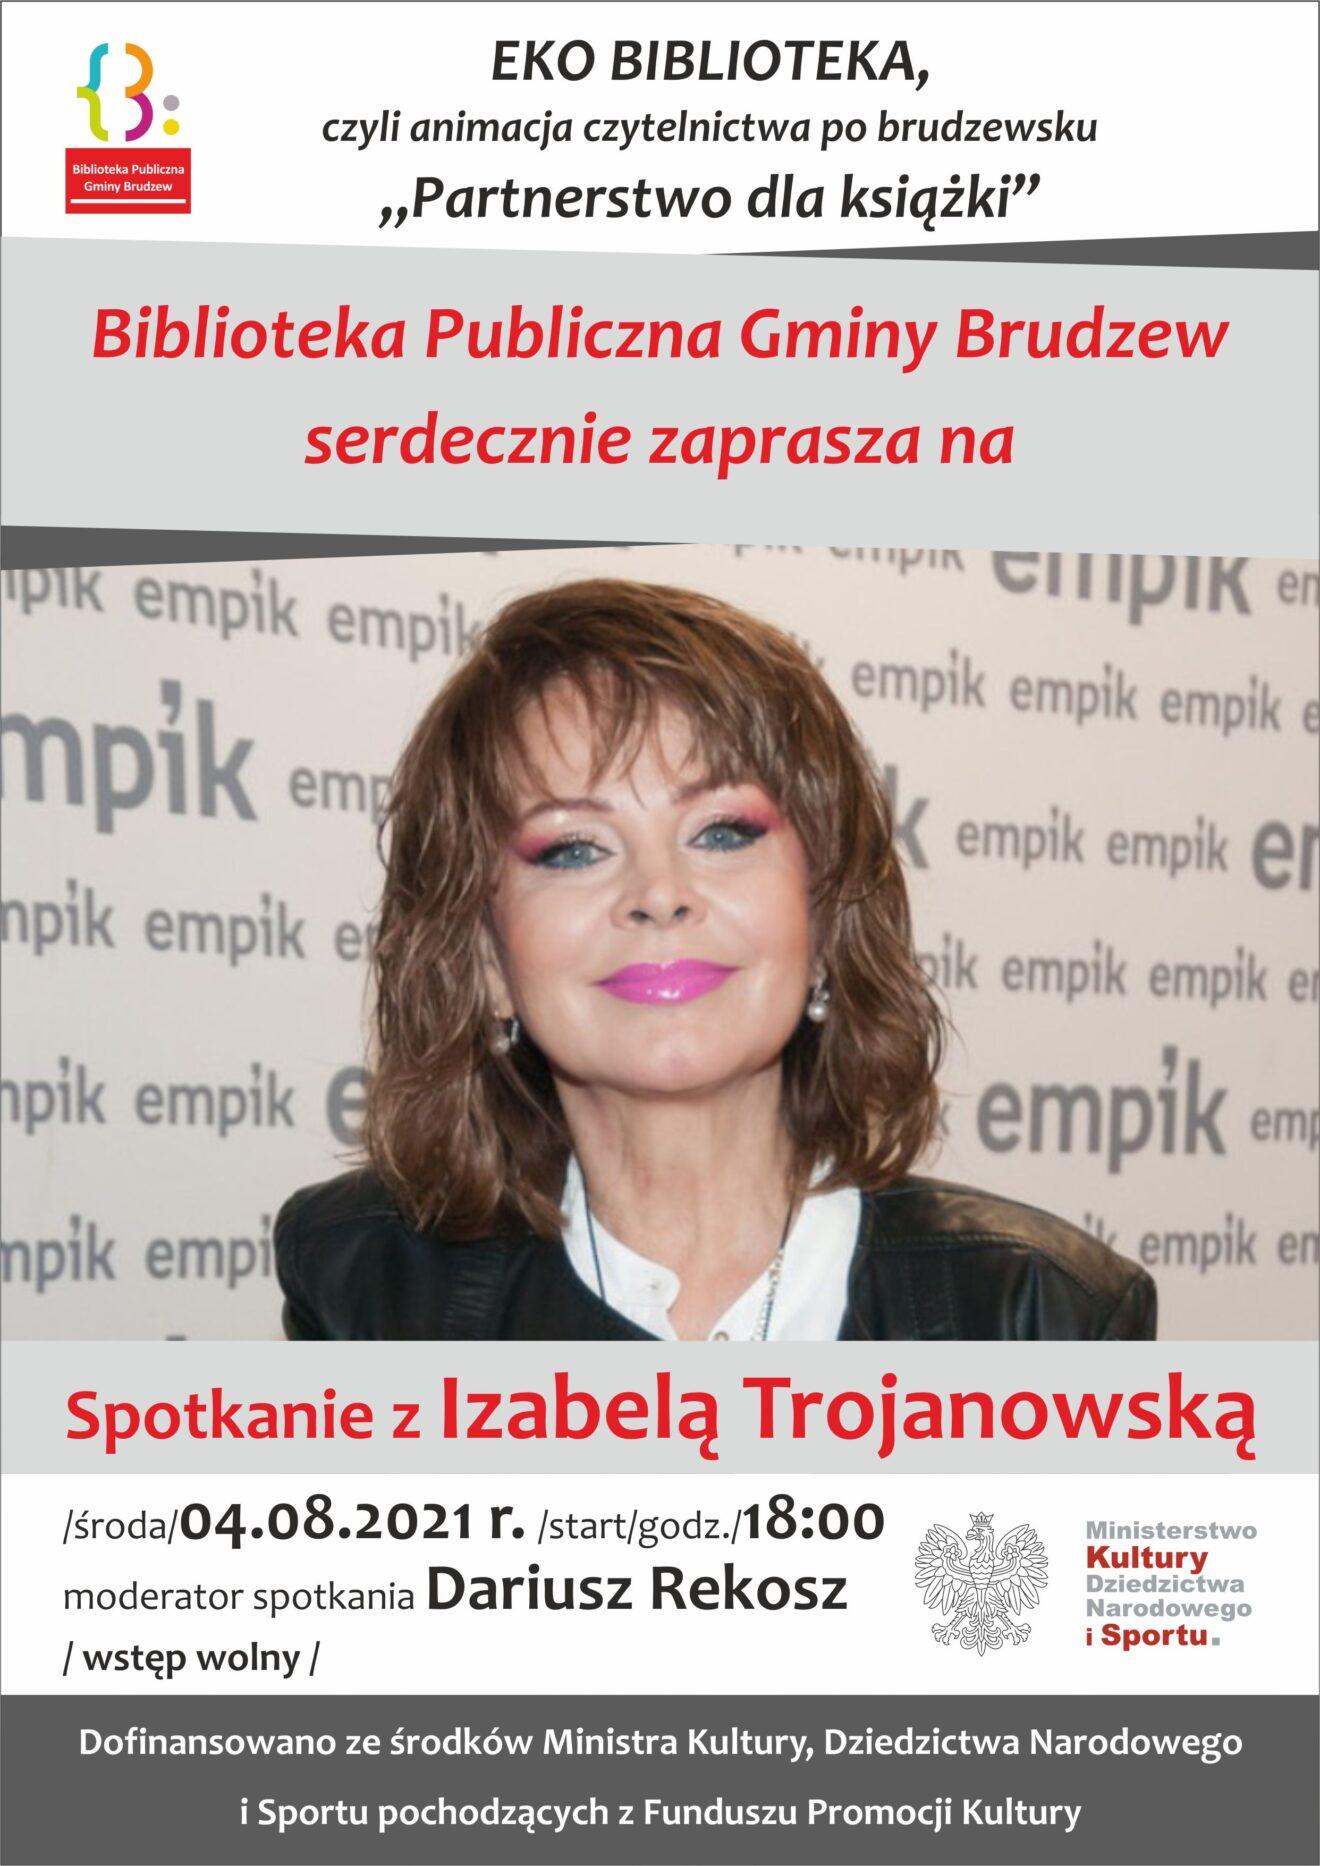 zdjęcie uśmiechniętej kobiety, ubranej w białą bluzkę i czarną marynarkę, dalej informacje dotyczące spotkania w bibliotece